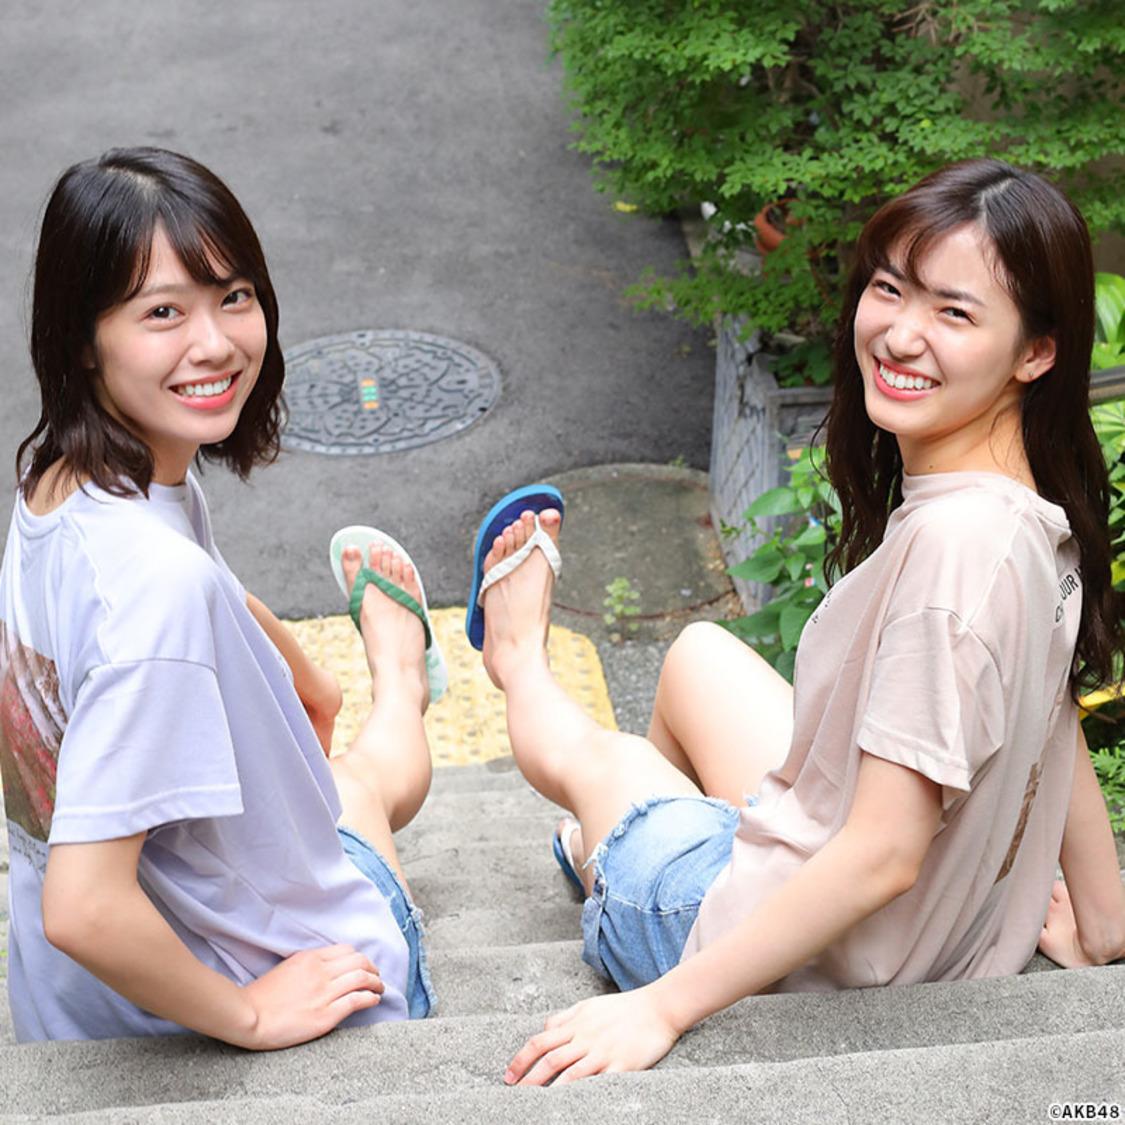 AKB48 Team8 小田えりな&下尾みう、げんべいとのコラボグッズアンバサダーに決定!